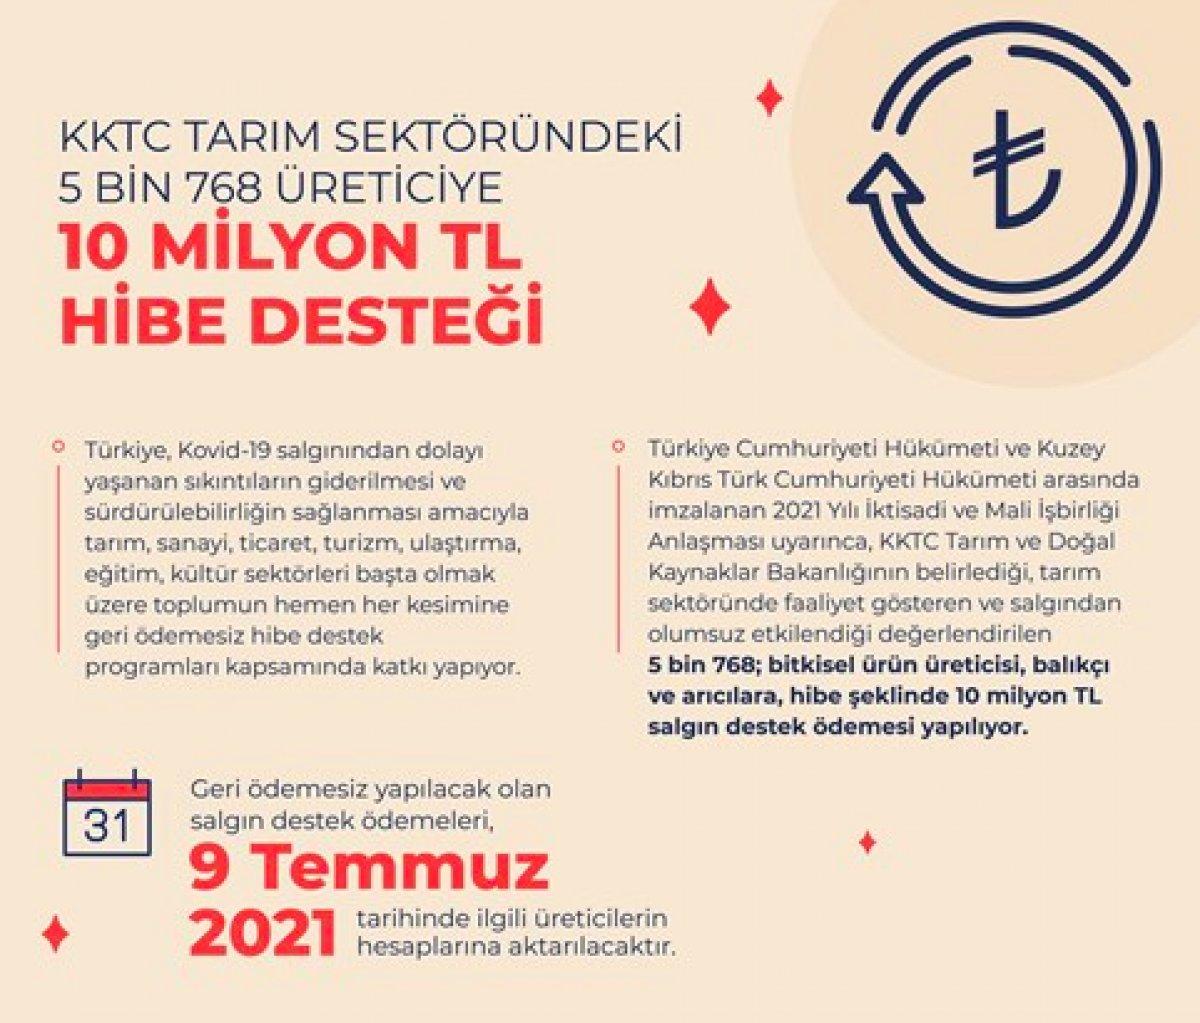 Türkiye den KKTC de tarım sektöründeki 5 bin 768 kişiye hibe desteği #1